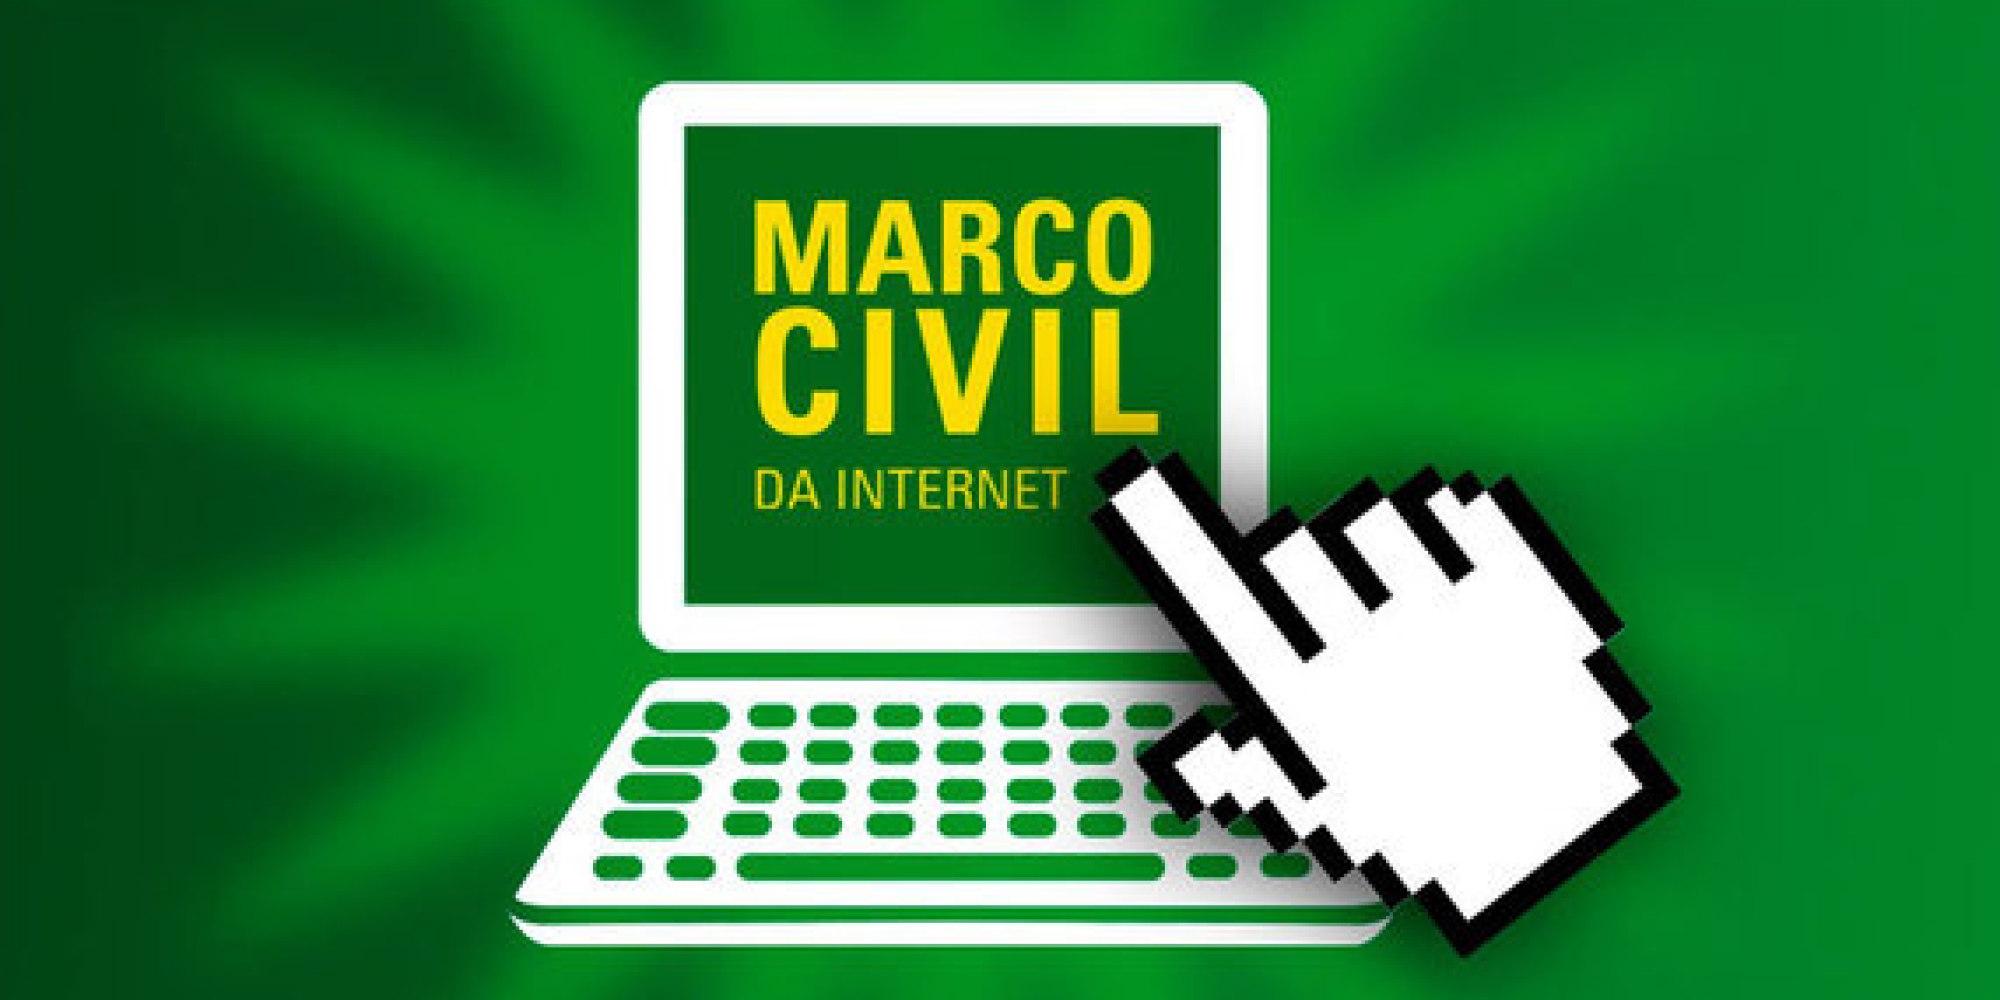 Para Ministério da Justiça, marco civil da internet é eficaz mesmo sem regulamentação